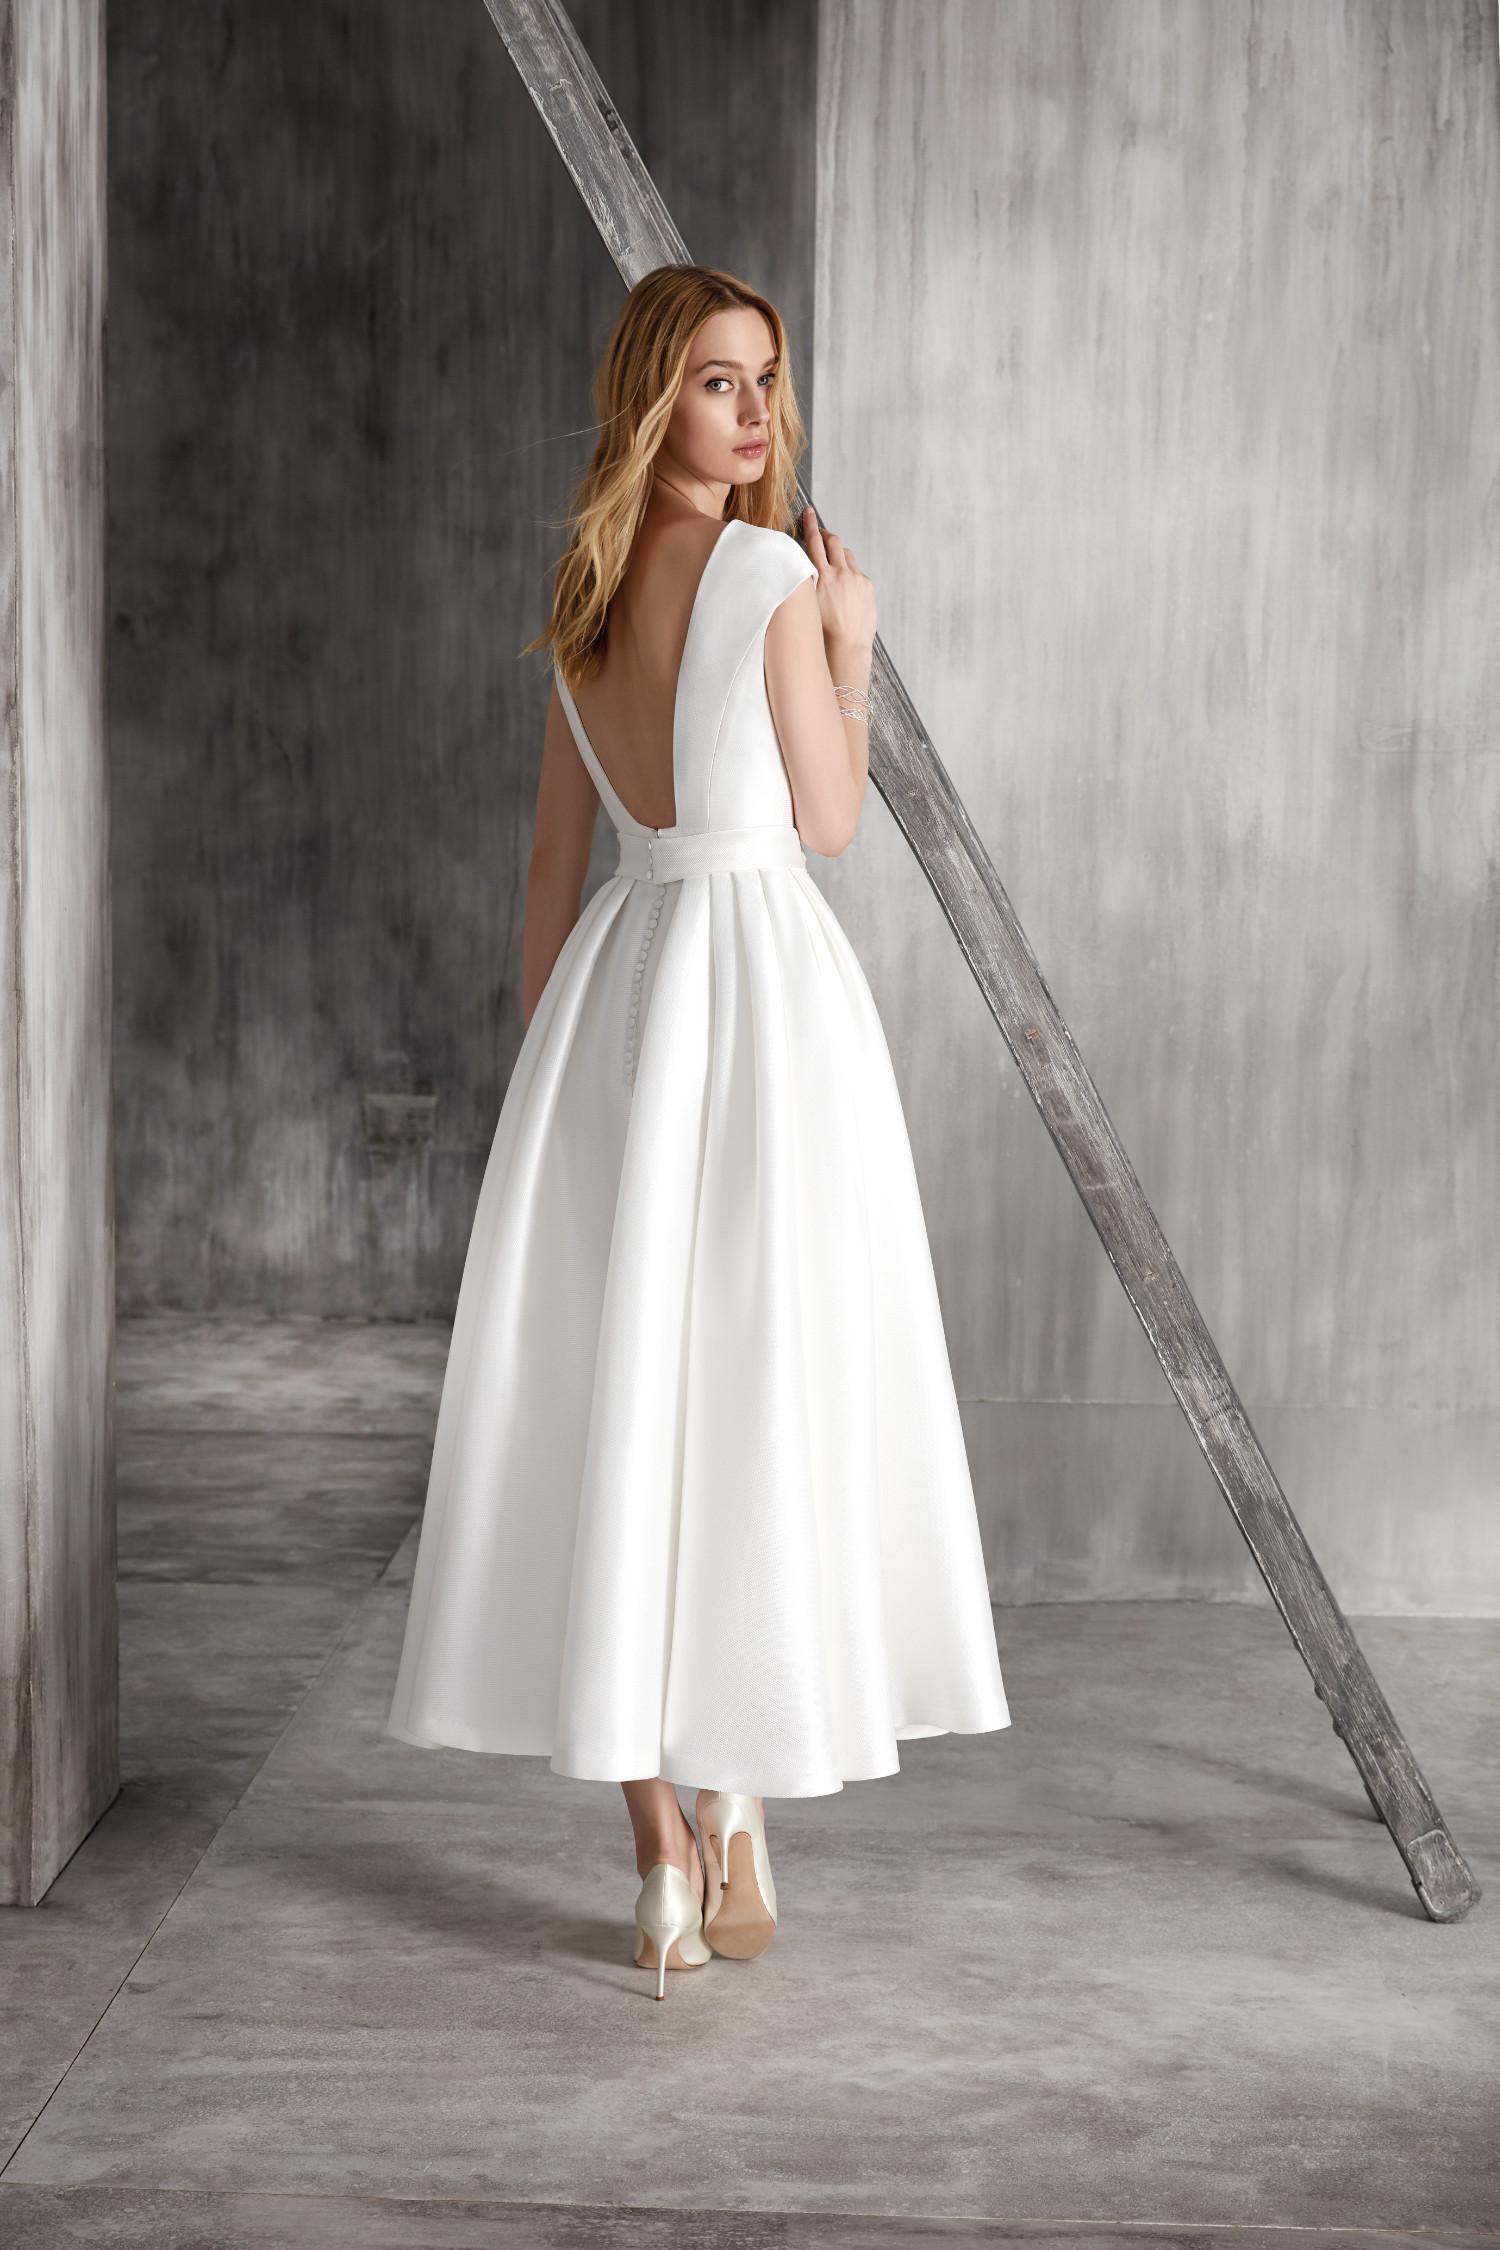 Berühmt Anspruchsvolle Hochzeitskleider Fotos - Brautkleider Ideen ...